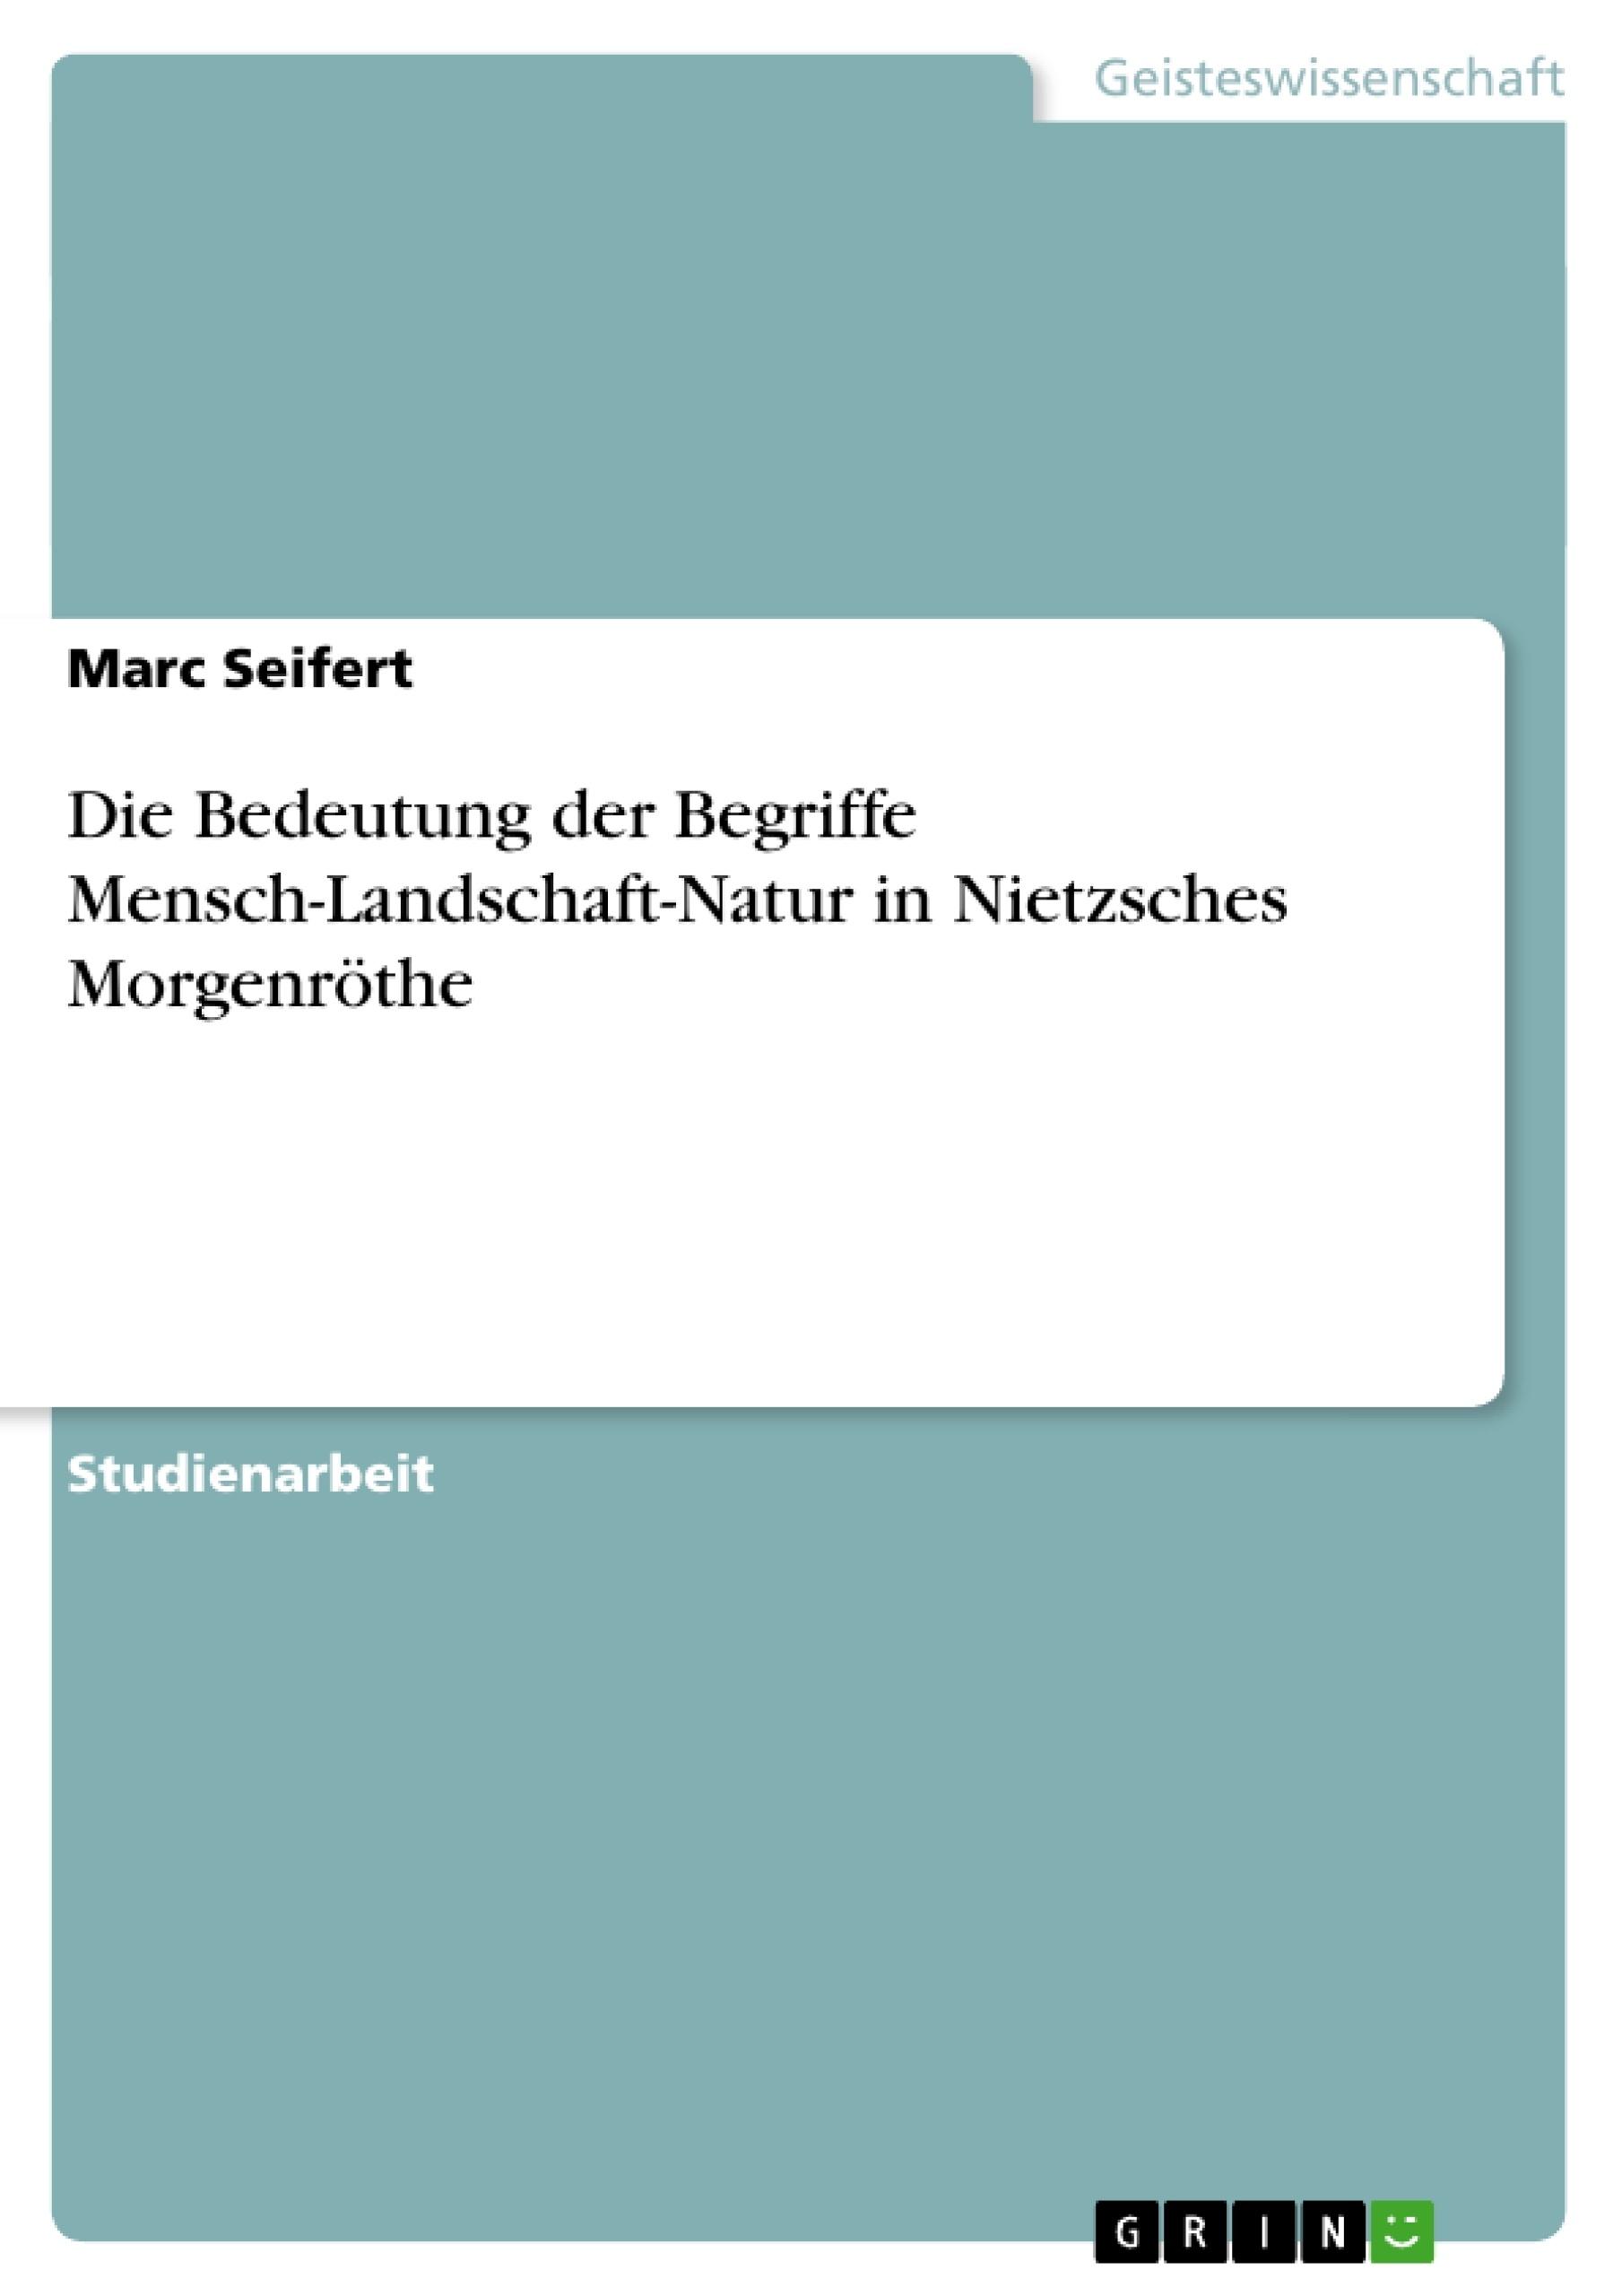 Titel: Die Bedeutung der Begriffe Mensch-Landschaft-Natur in Nietzsches Morgenröthe